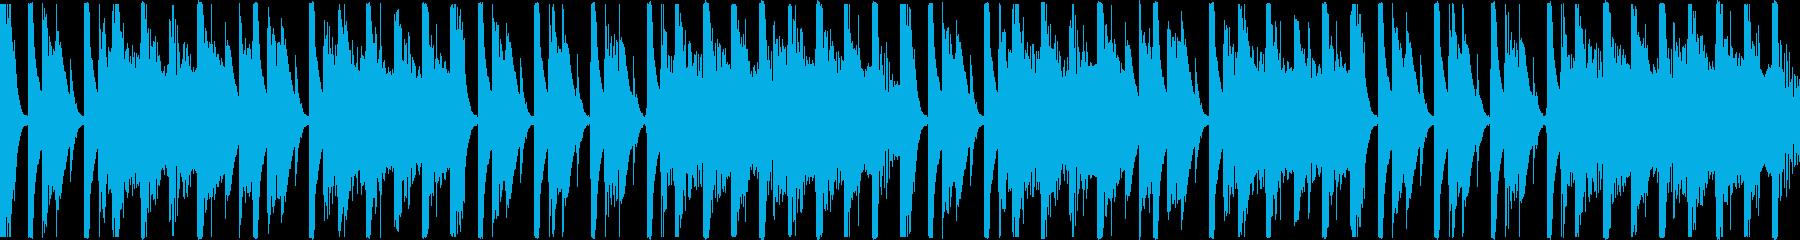 【ループ】レース2位通過のリザルトBGMの再生済みの波形